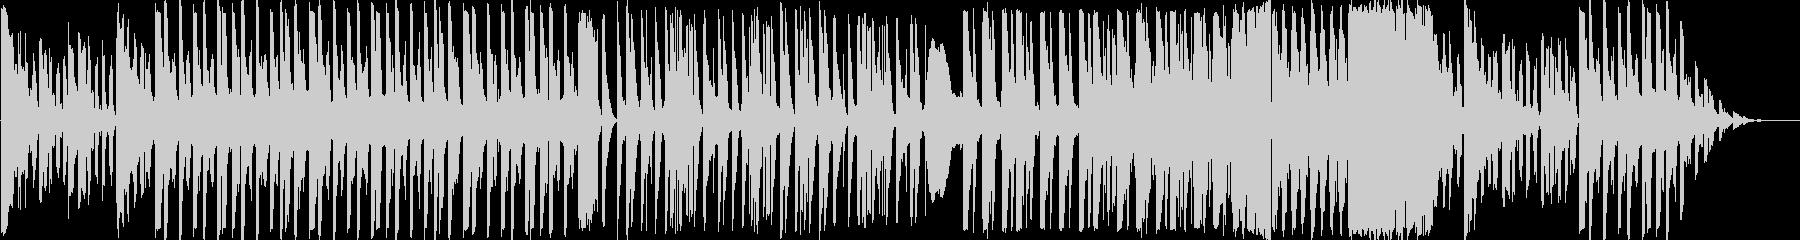 ダークヘビードラムンベース(EDM系)の未再生の波形